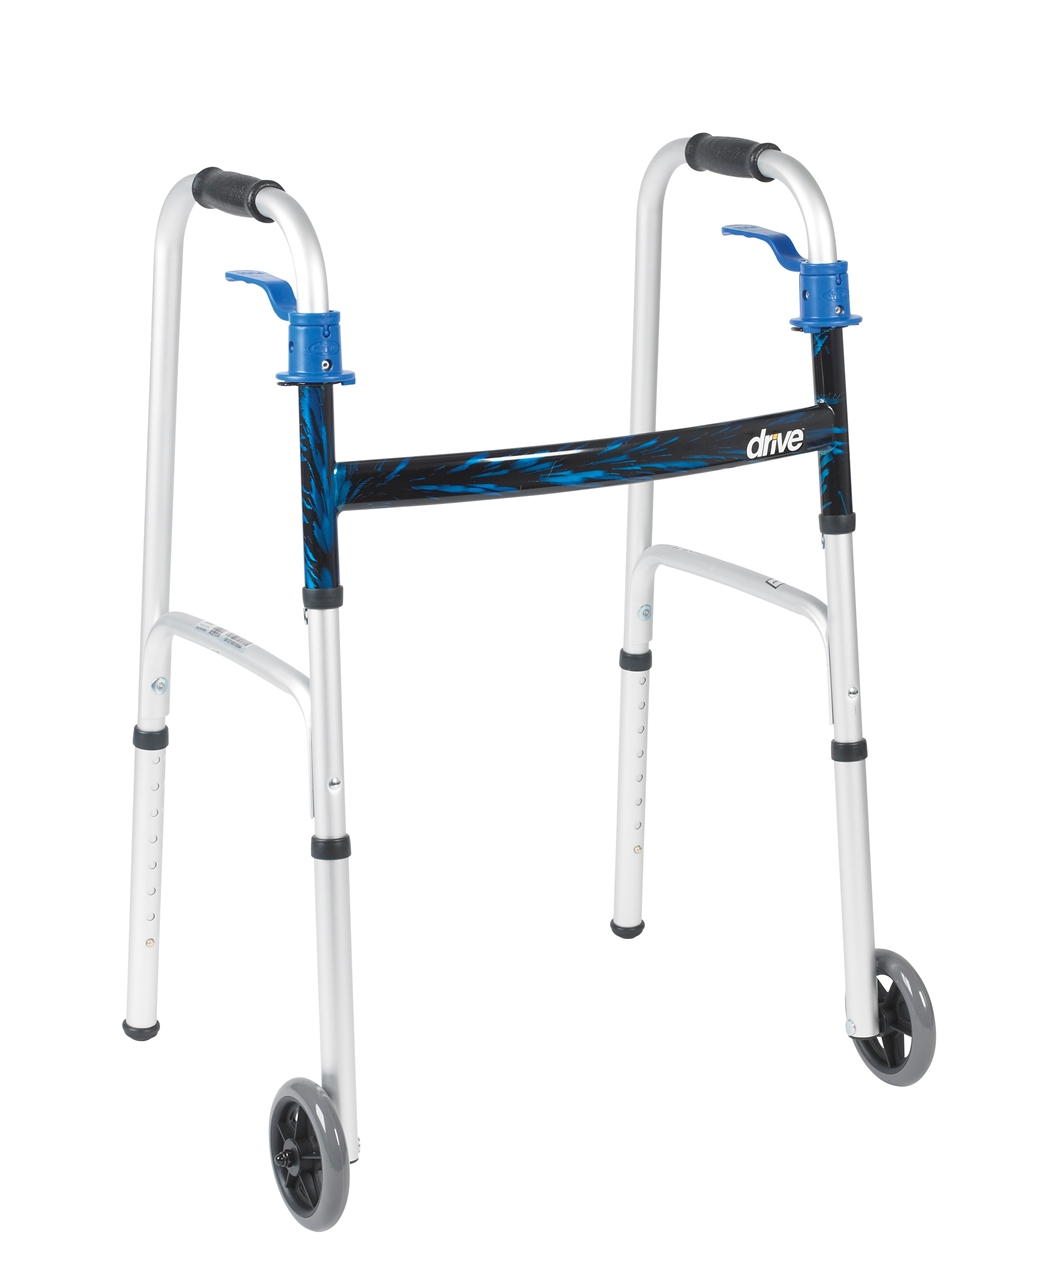 תמונה של הליכון למבוגרים מתקפל עם גלגלים